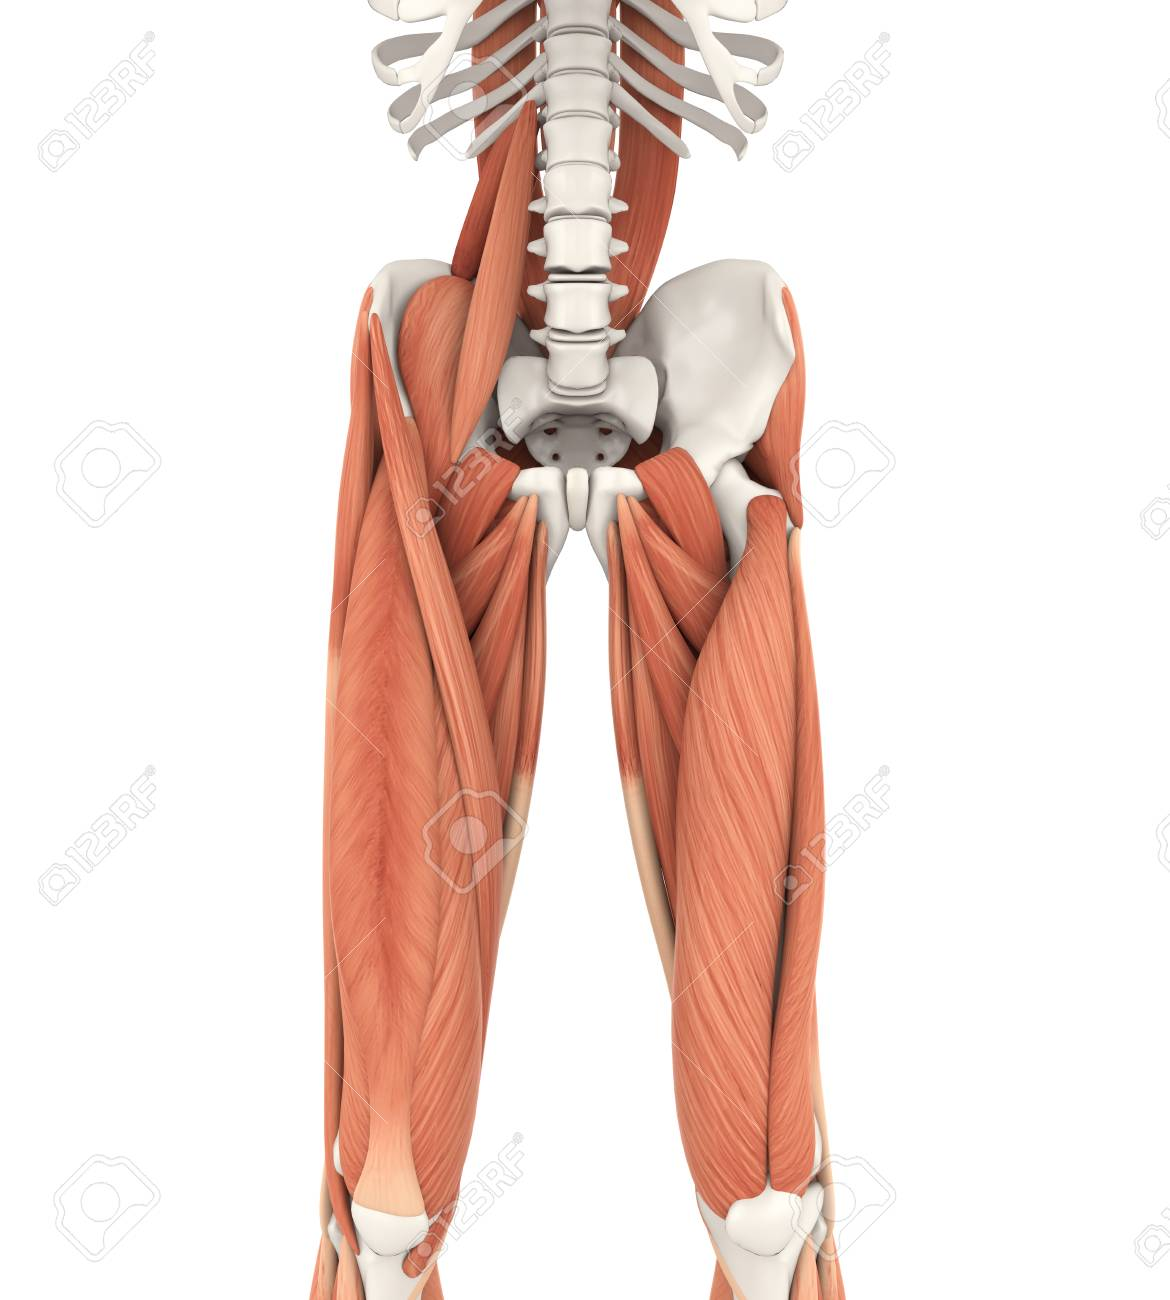 musculos del muslo y pierna